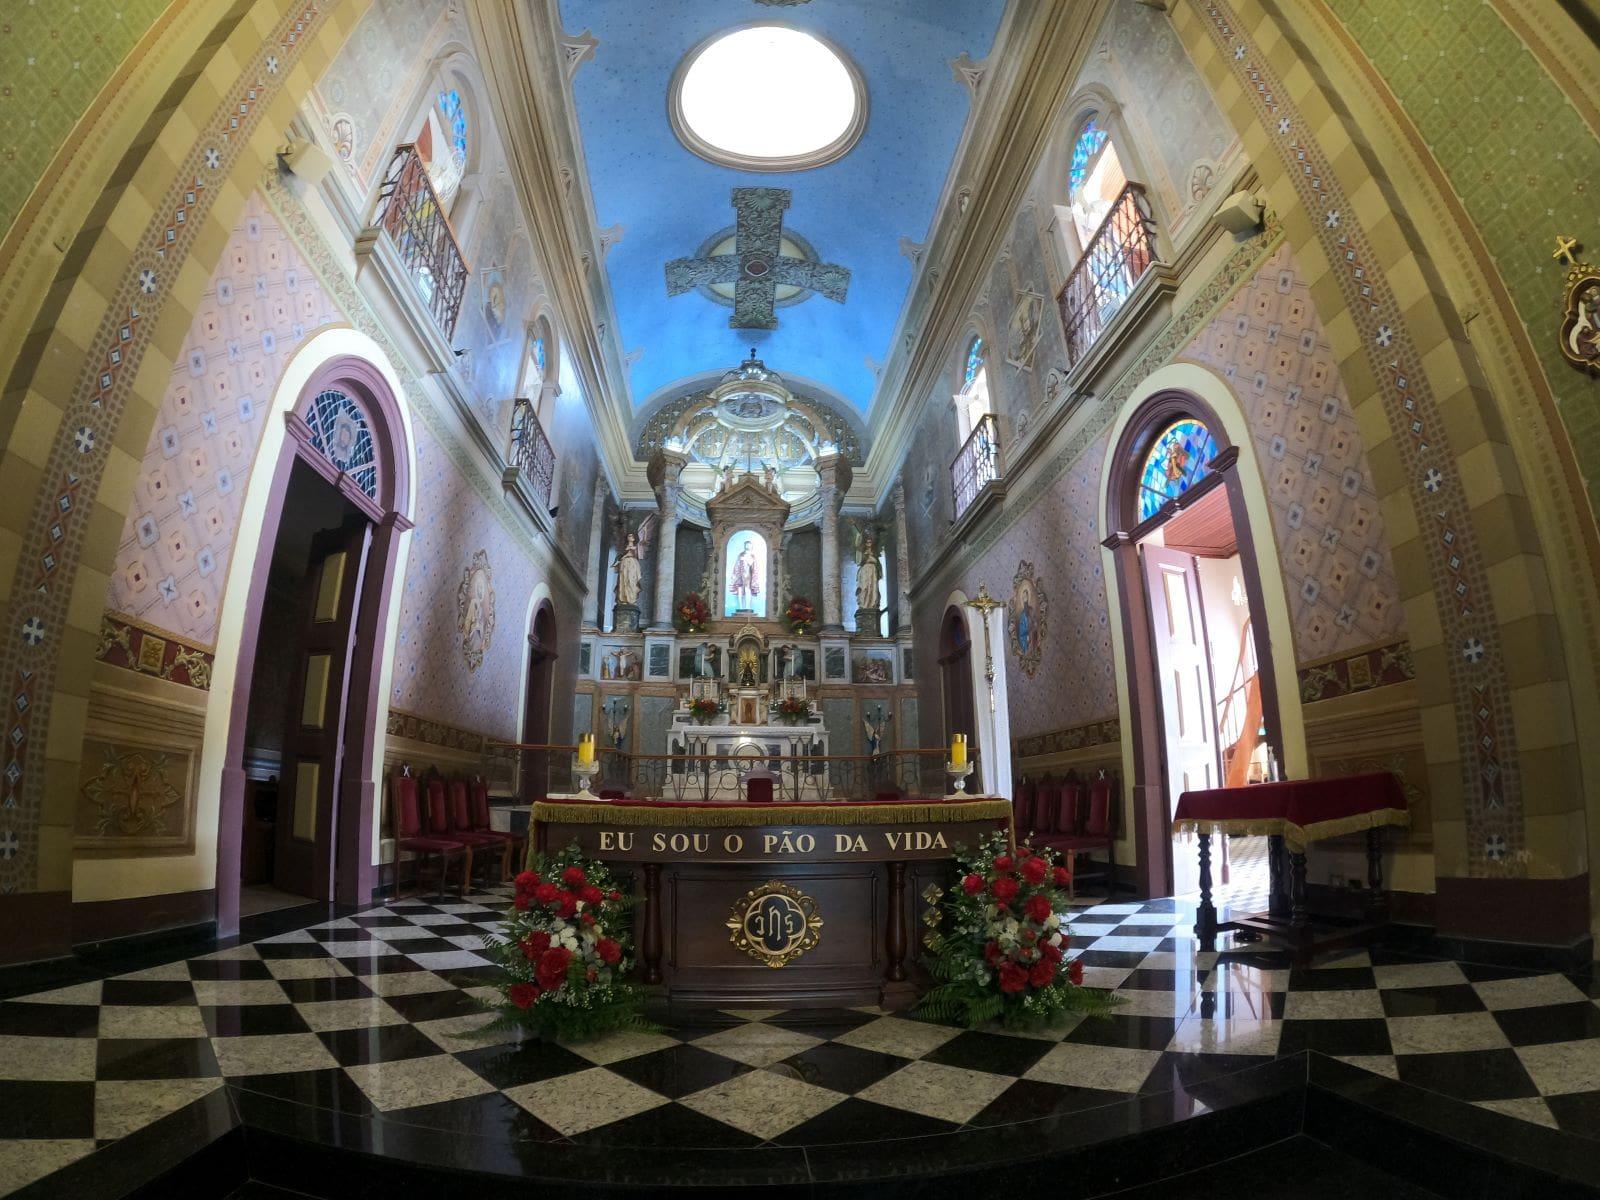 altar de marmore de uma igreja